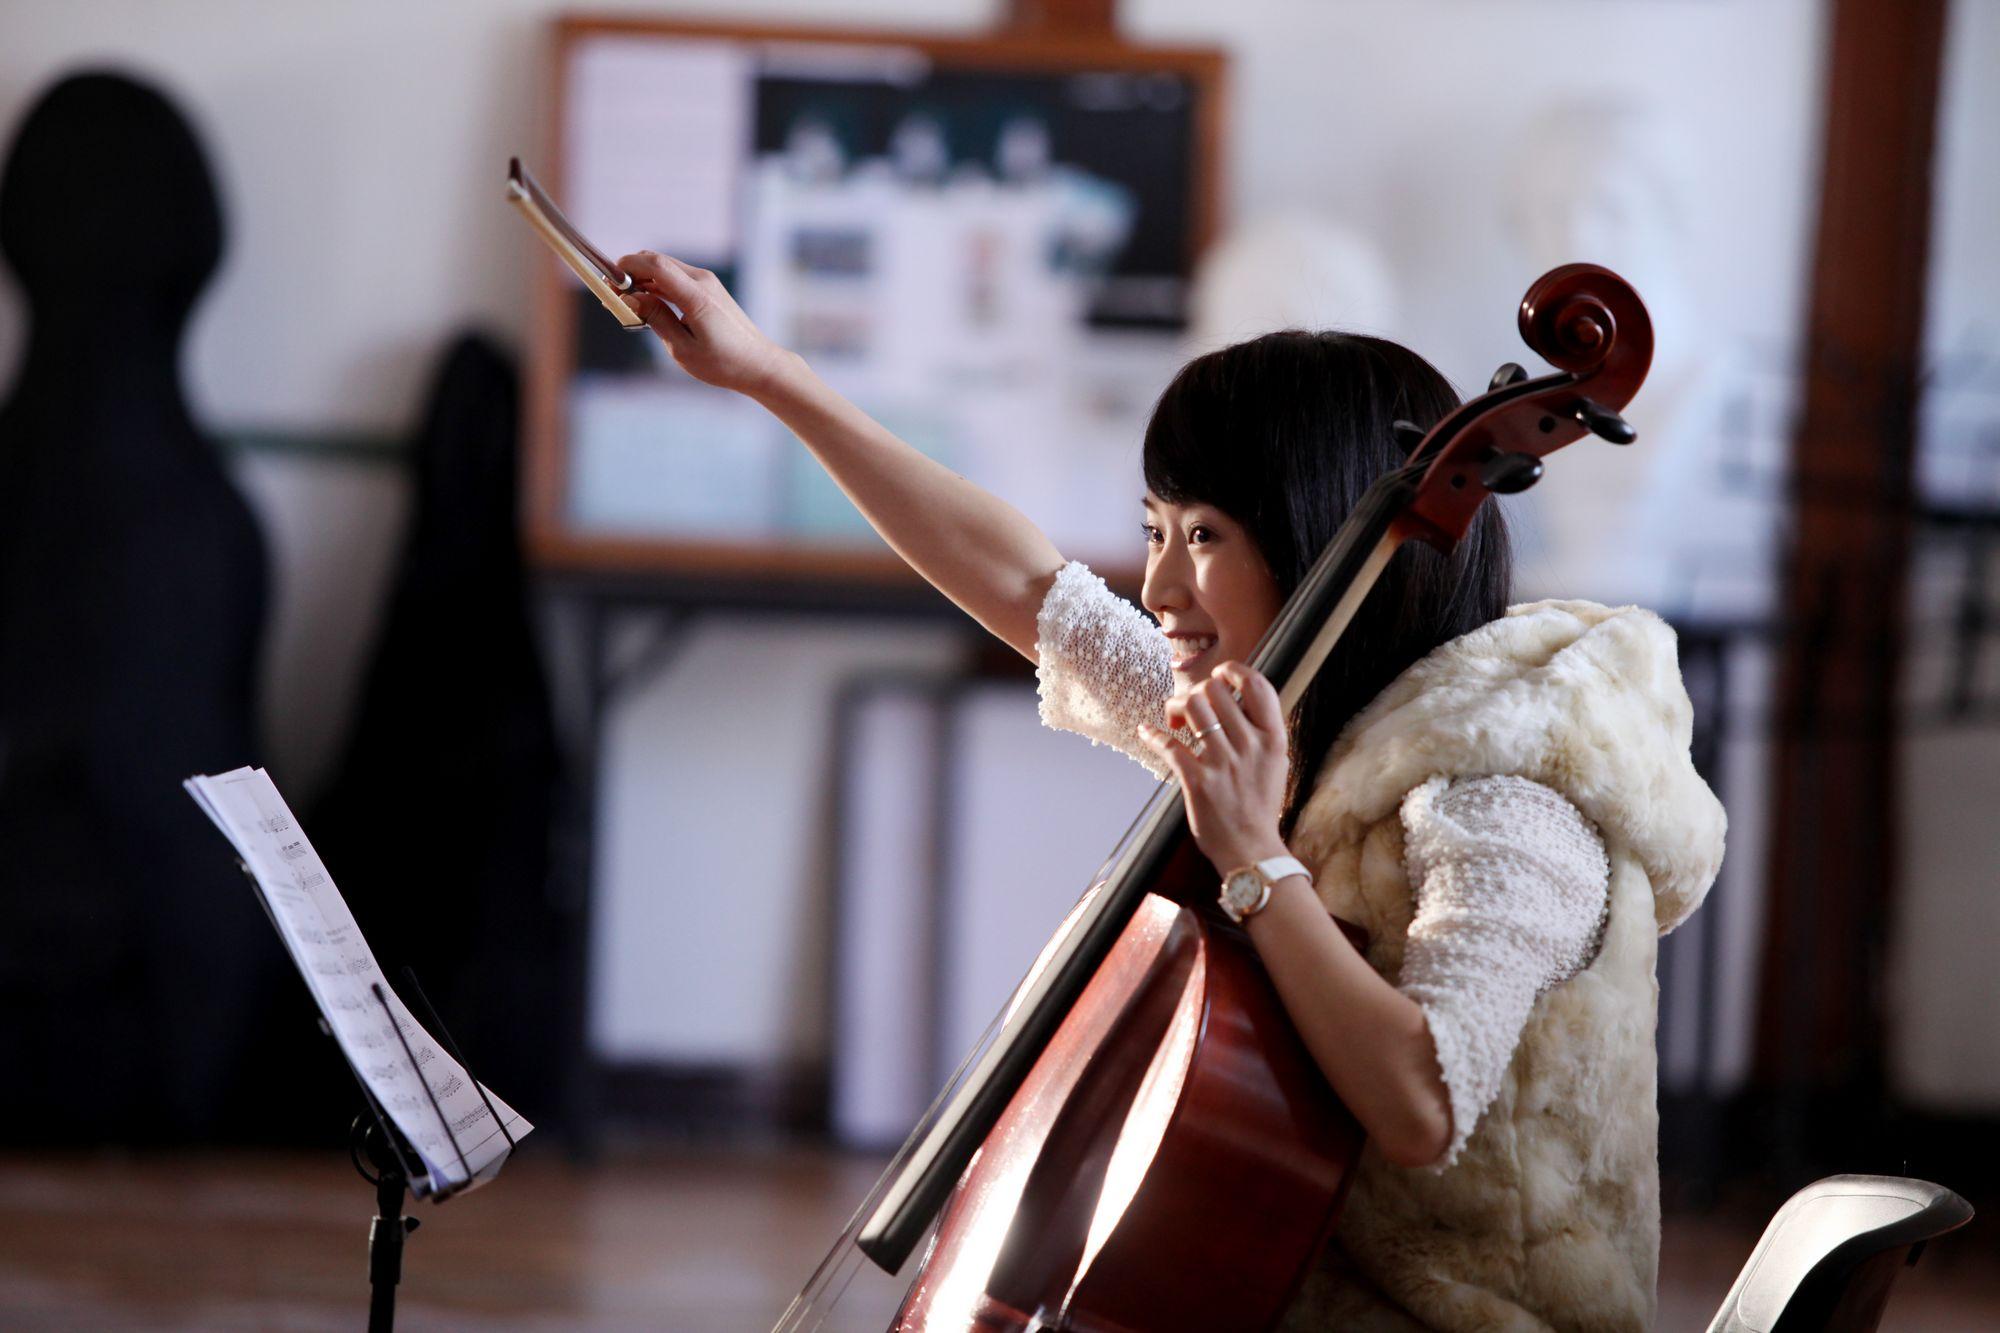 Nian Li in Shi lian 33 tian (2011)